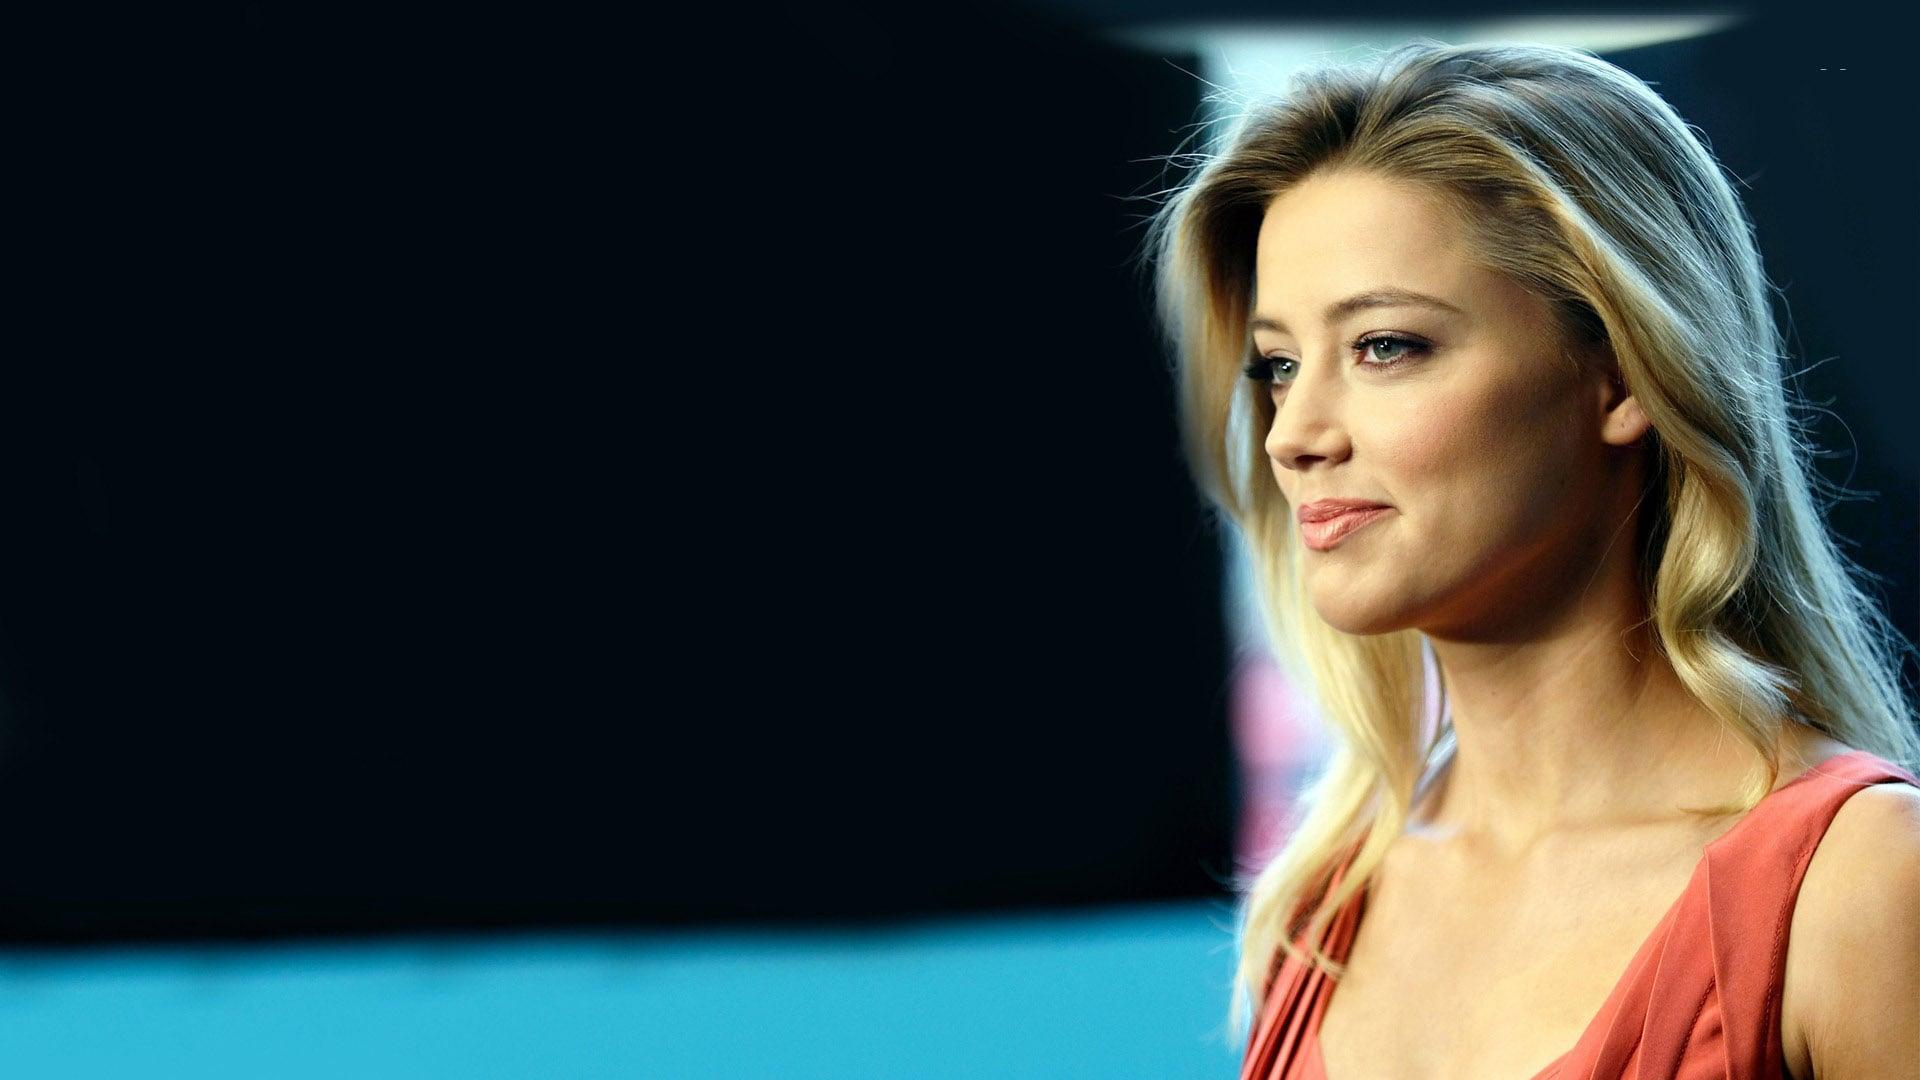 Amber Heard Background